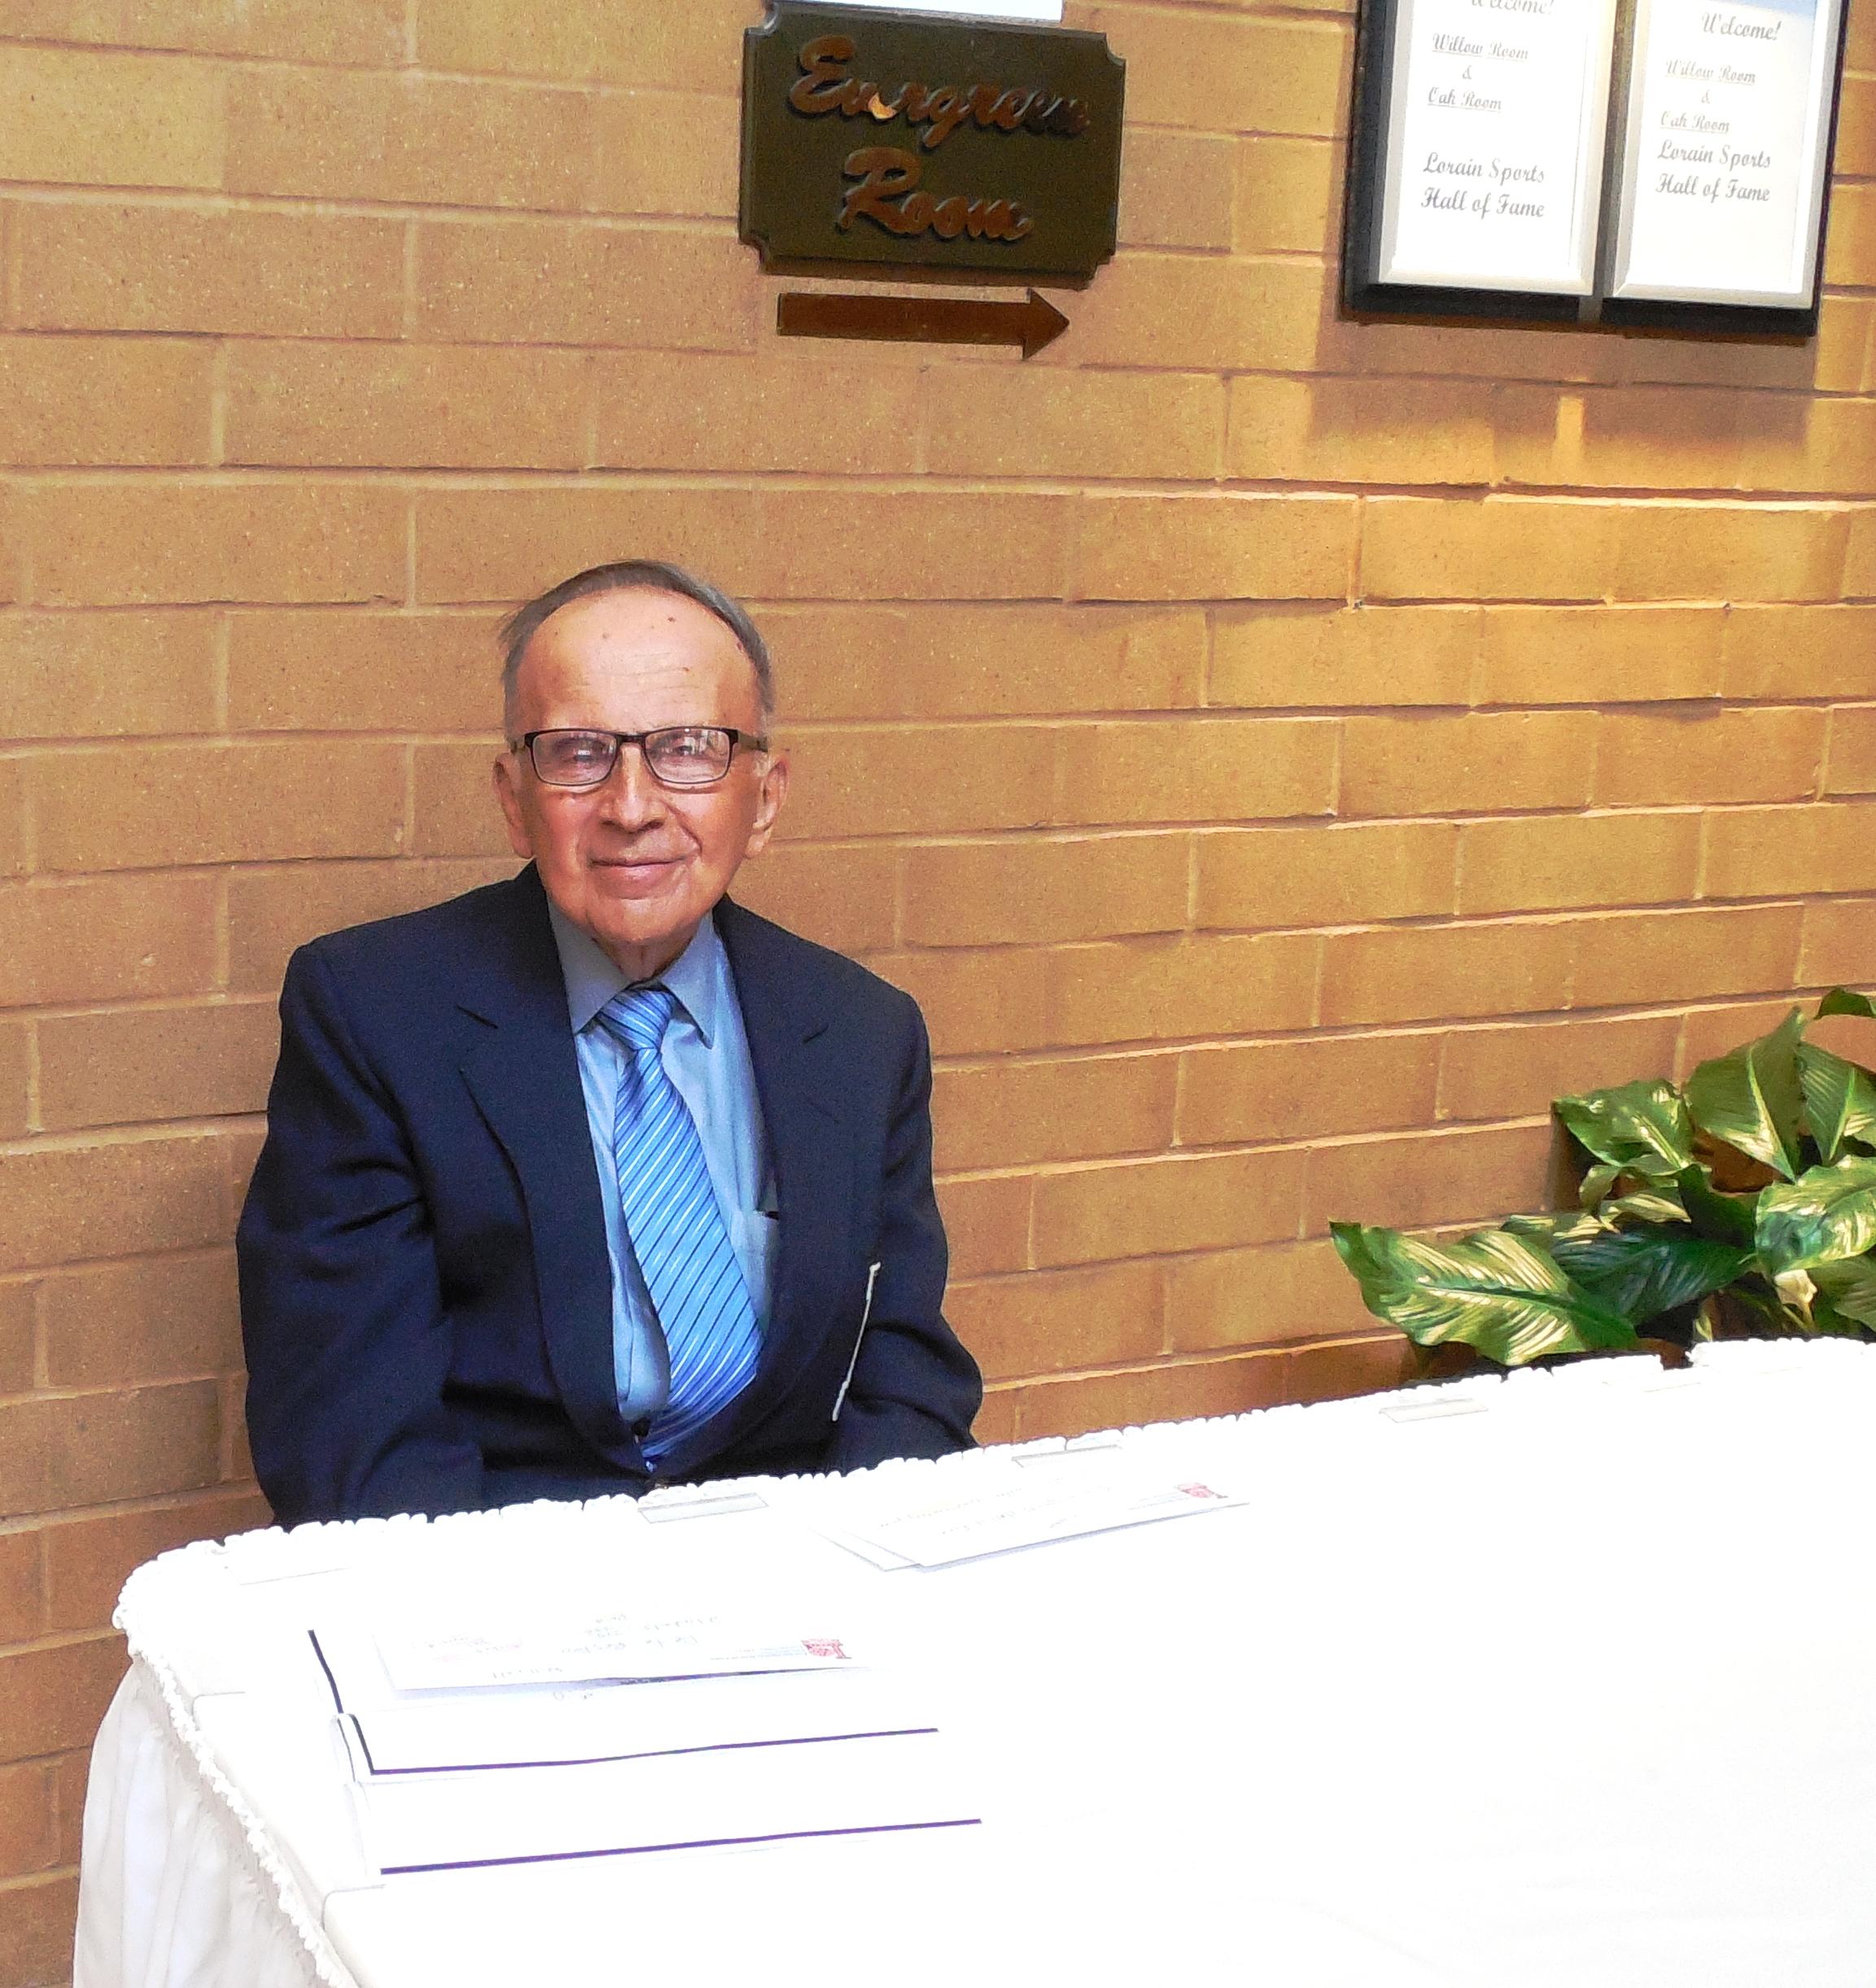 Jim Popiel, LSHOF Committee member